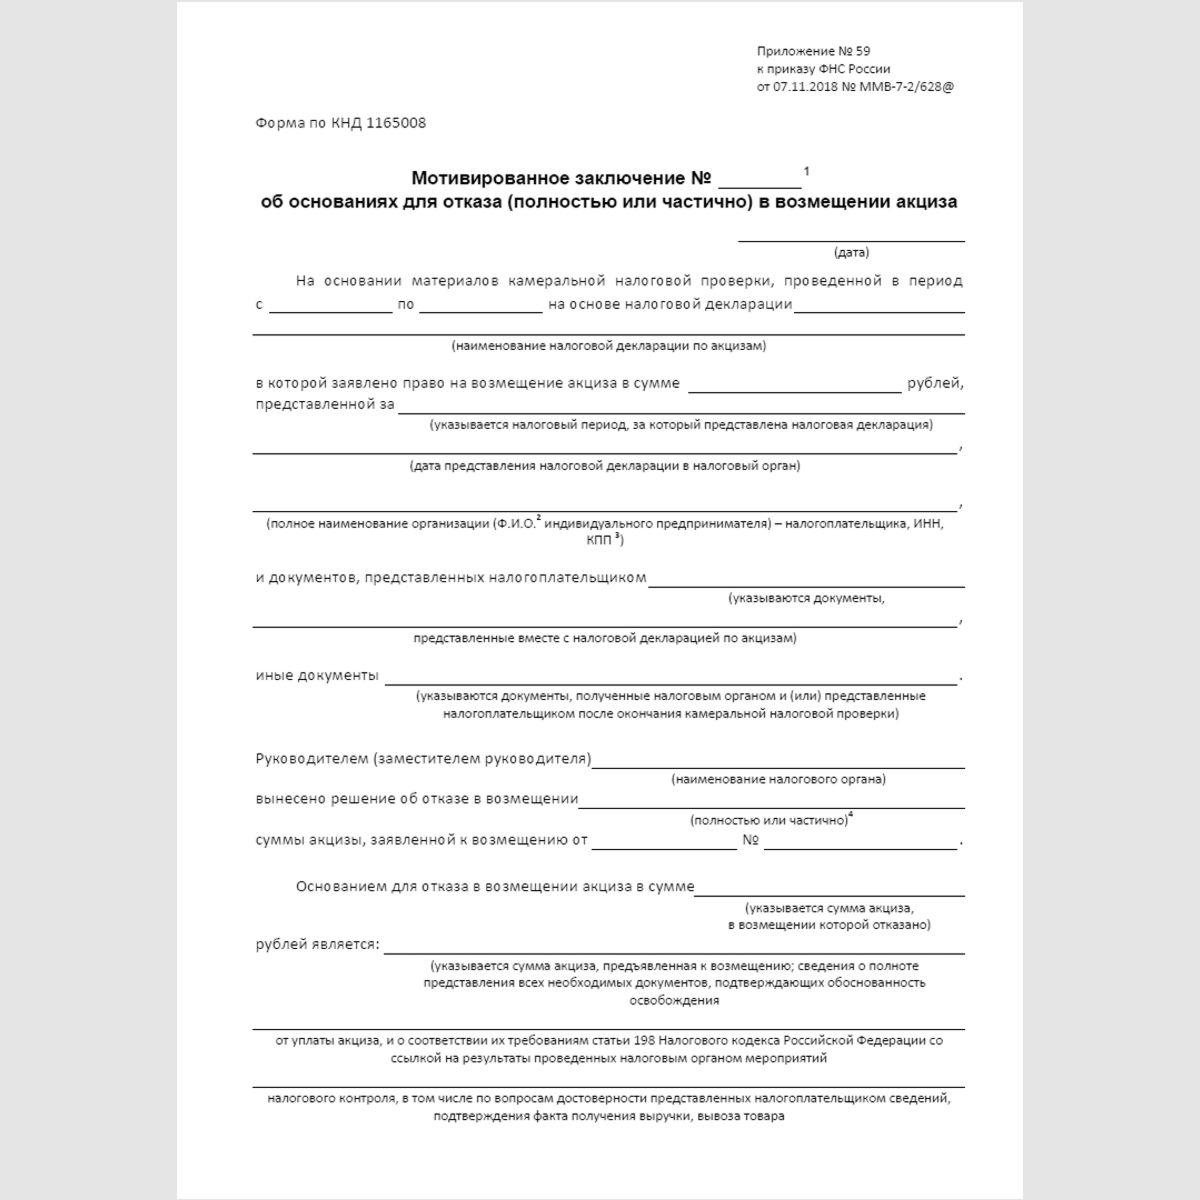 """Форма КНД 1165008 """"Мотивированное заключение об основаниях для отказа (полностью или частично) в возмещении акциза"""". Стр. 1"""